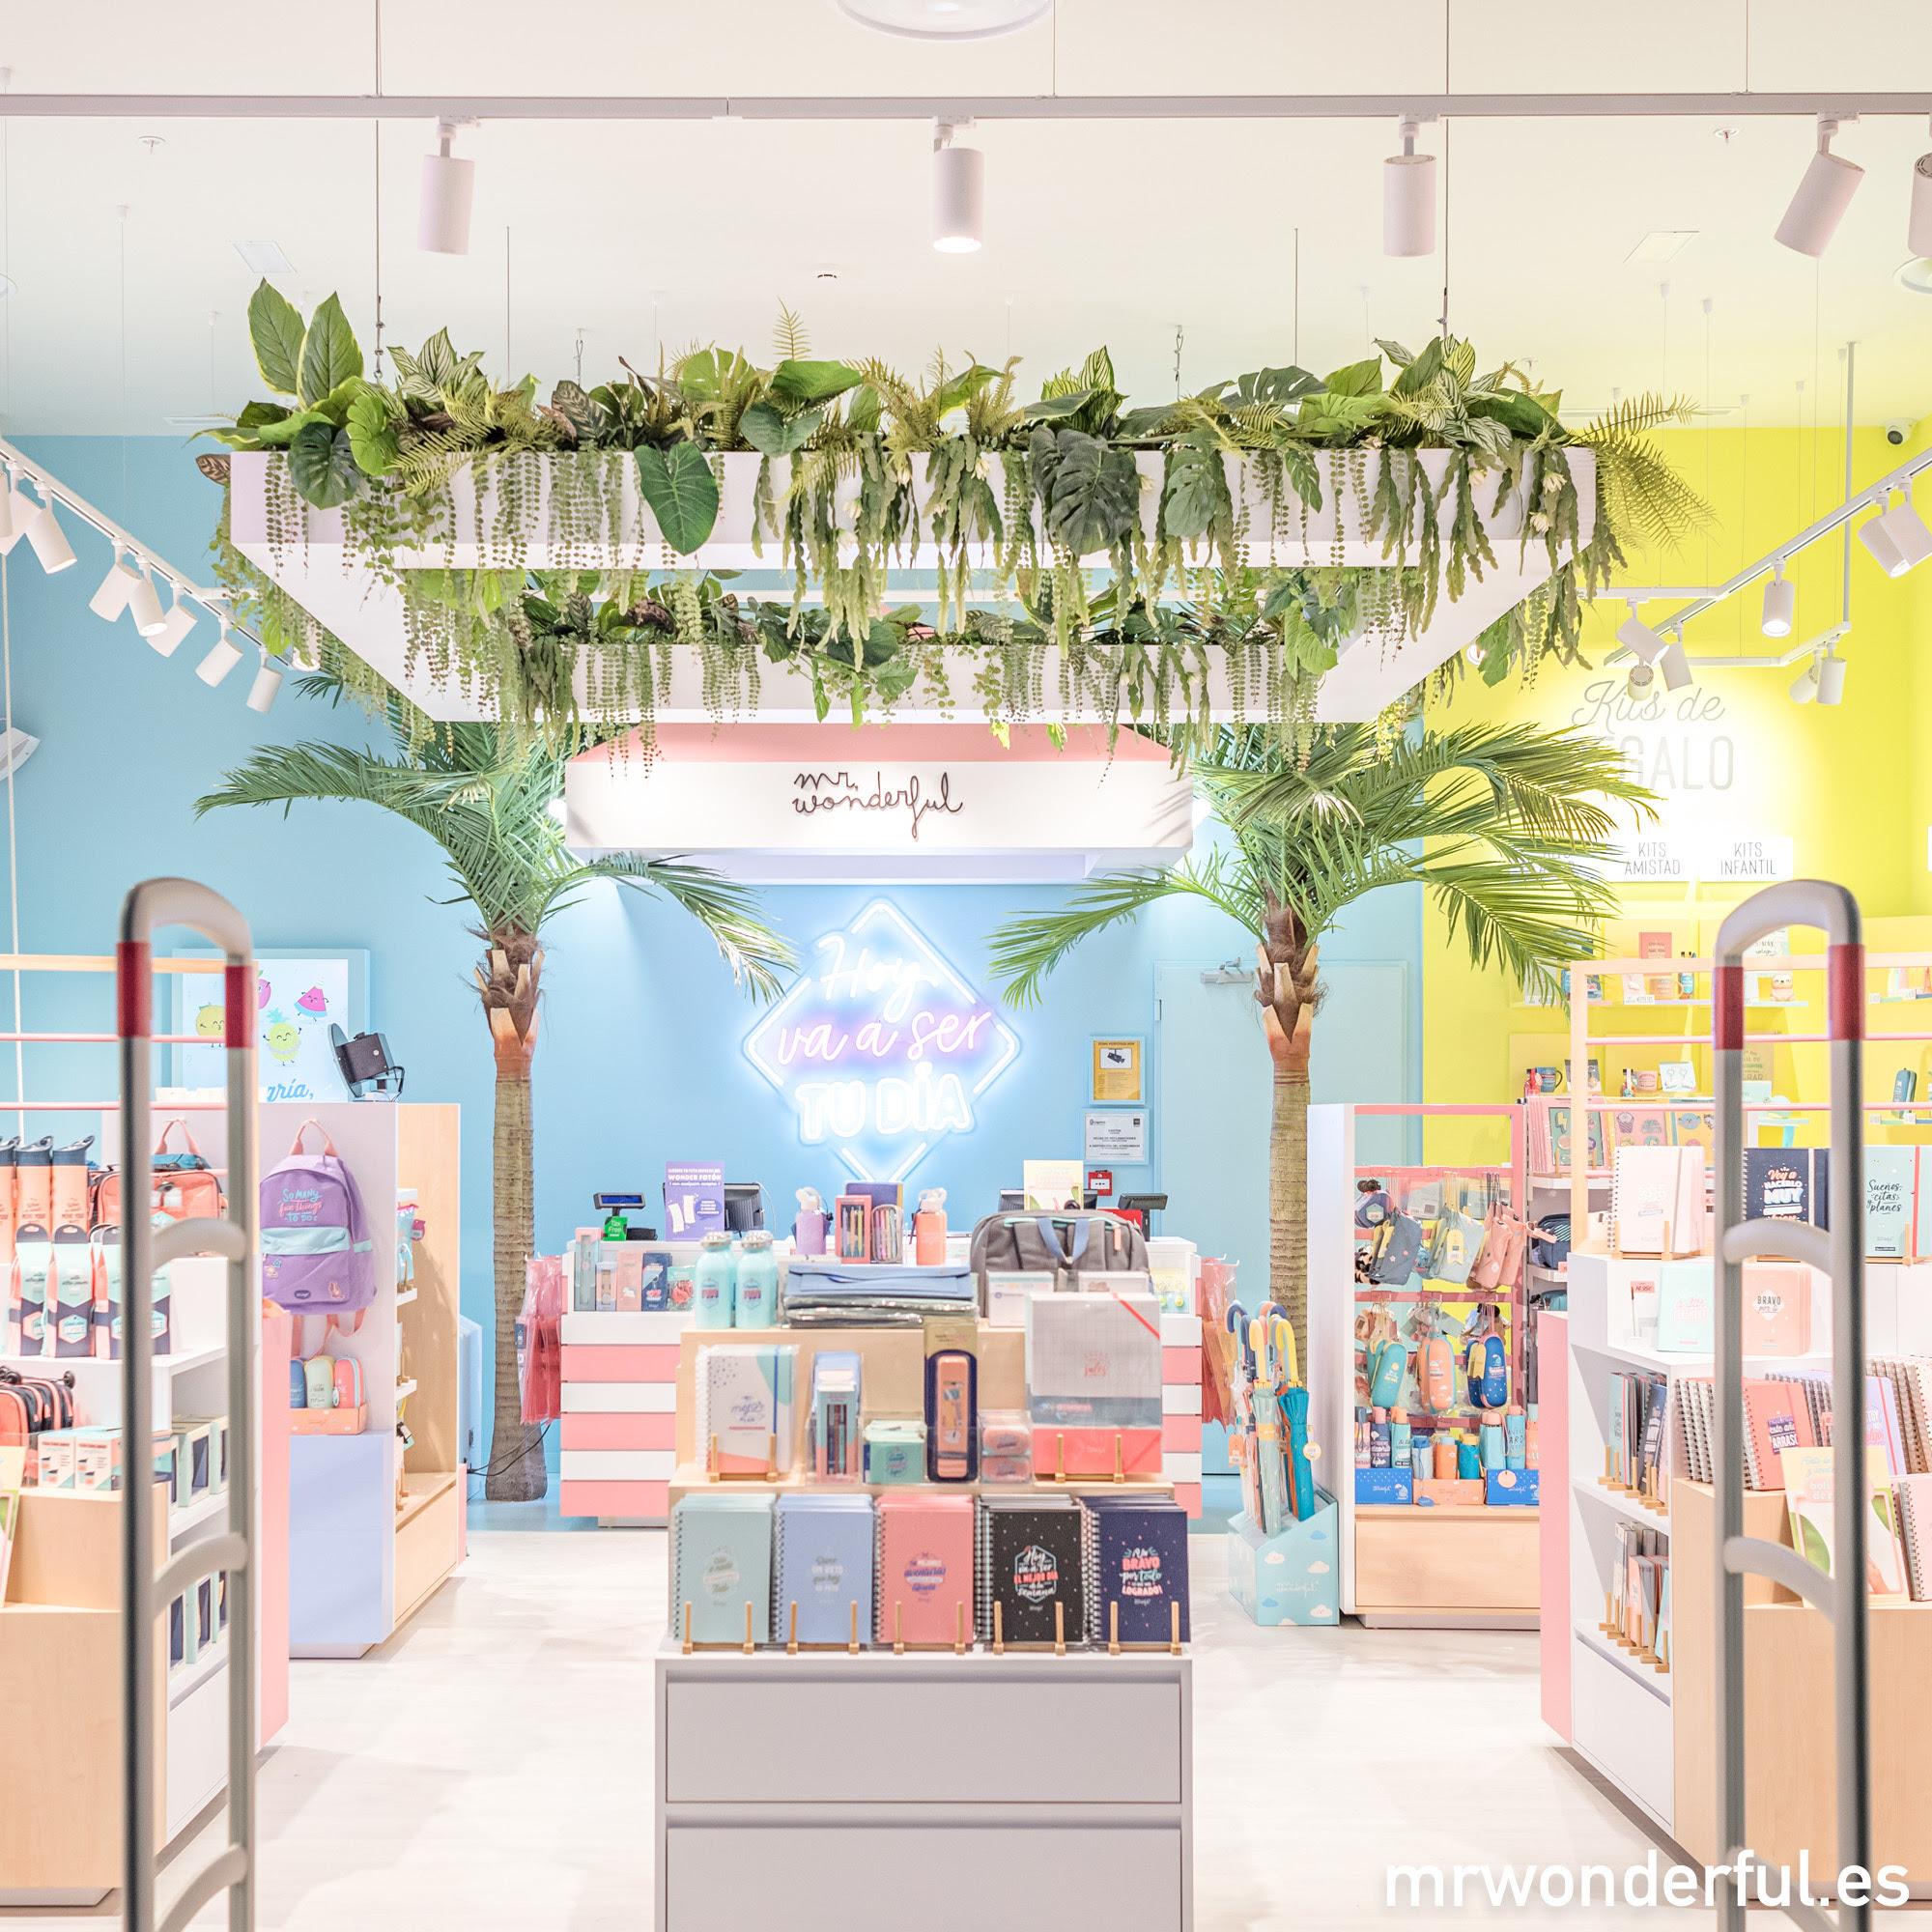 Mr. Wonderful y Grupo Número 1 se unen para la apertura de sus primeras tiendas en Canarias